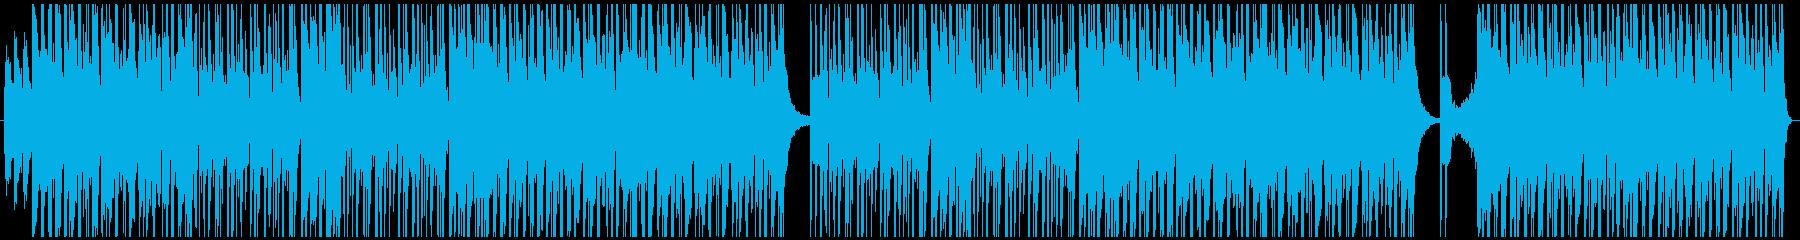 古いダンスフロアーの再生済みの波形